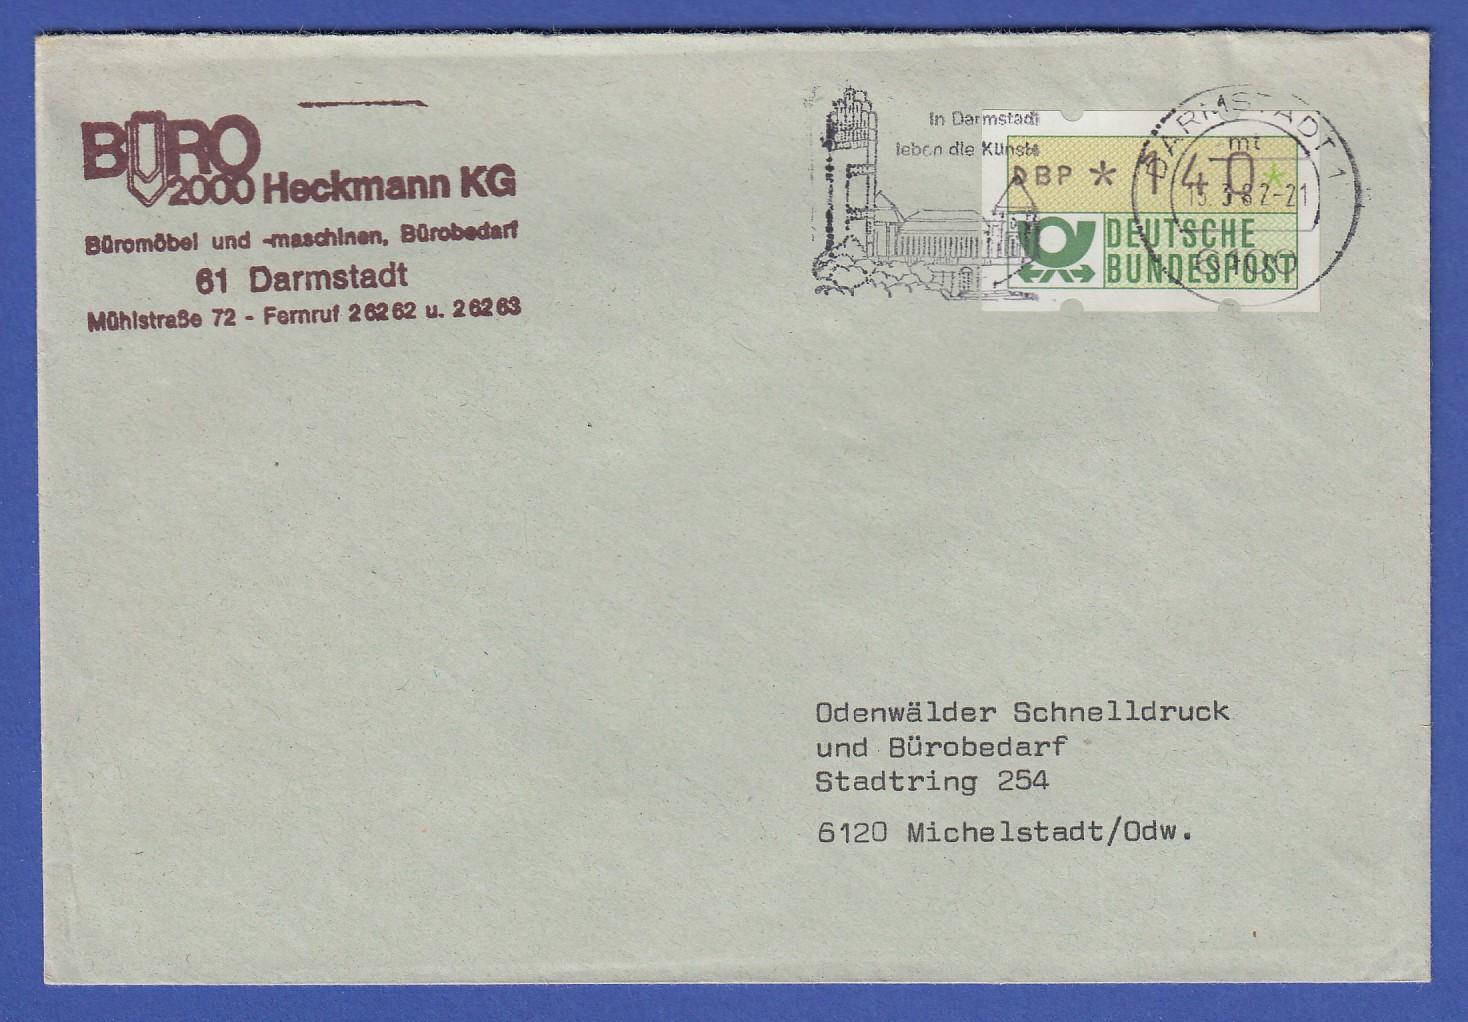 14.4.82 Atm 1.1 Wert 90 Als Ef Auf Brief In Die Udssr Vom Standort Darmstadt Automatenbriefmarken Diverse Philatelie